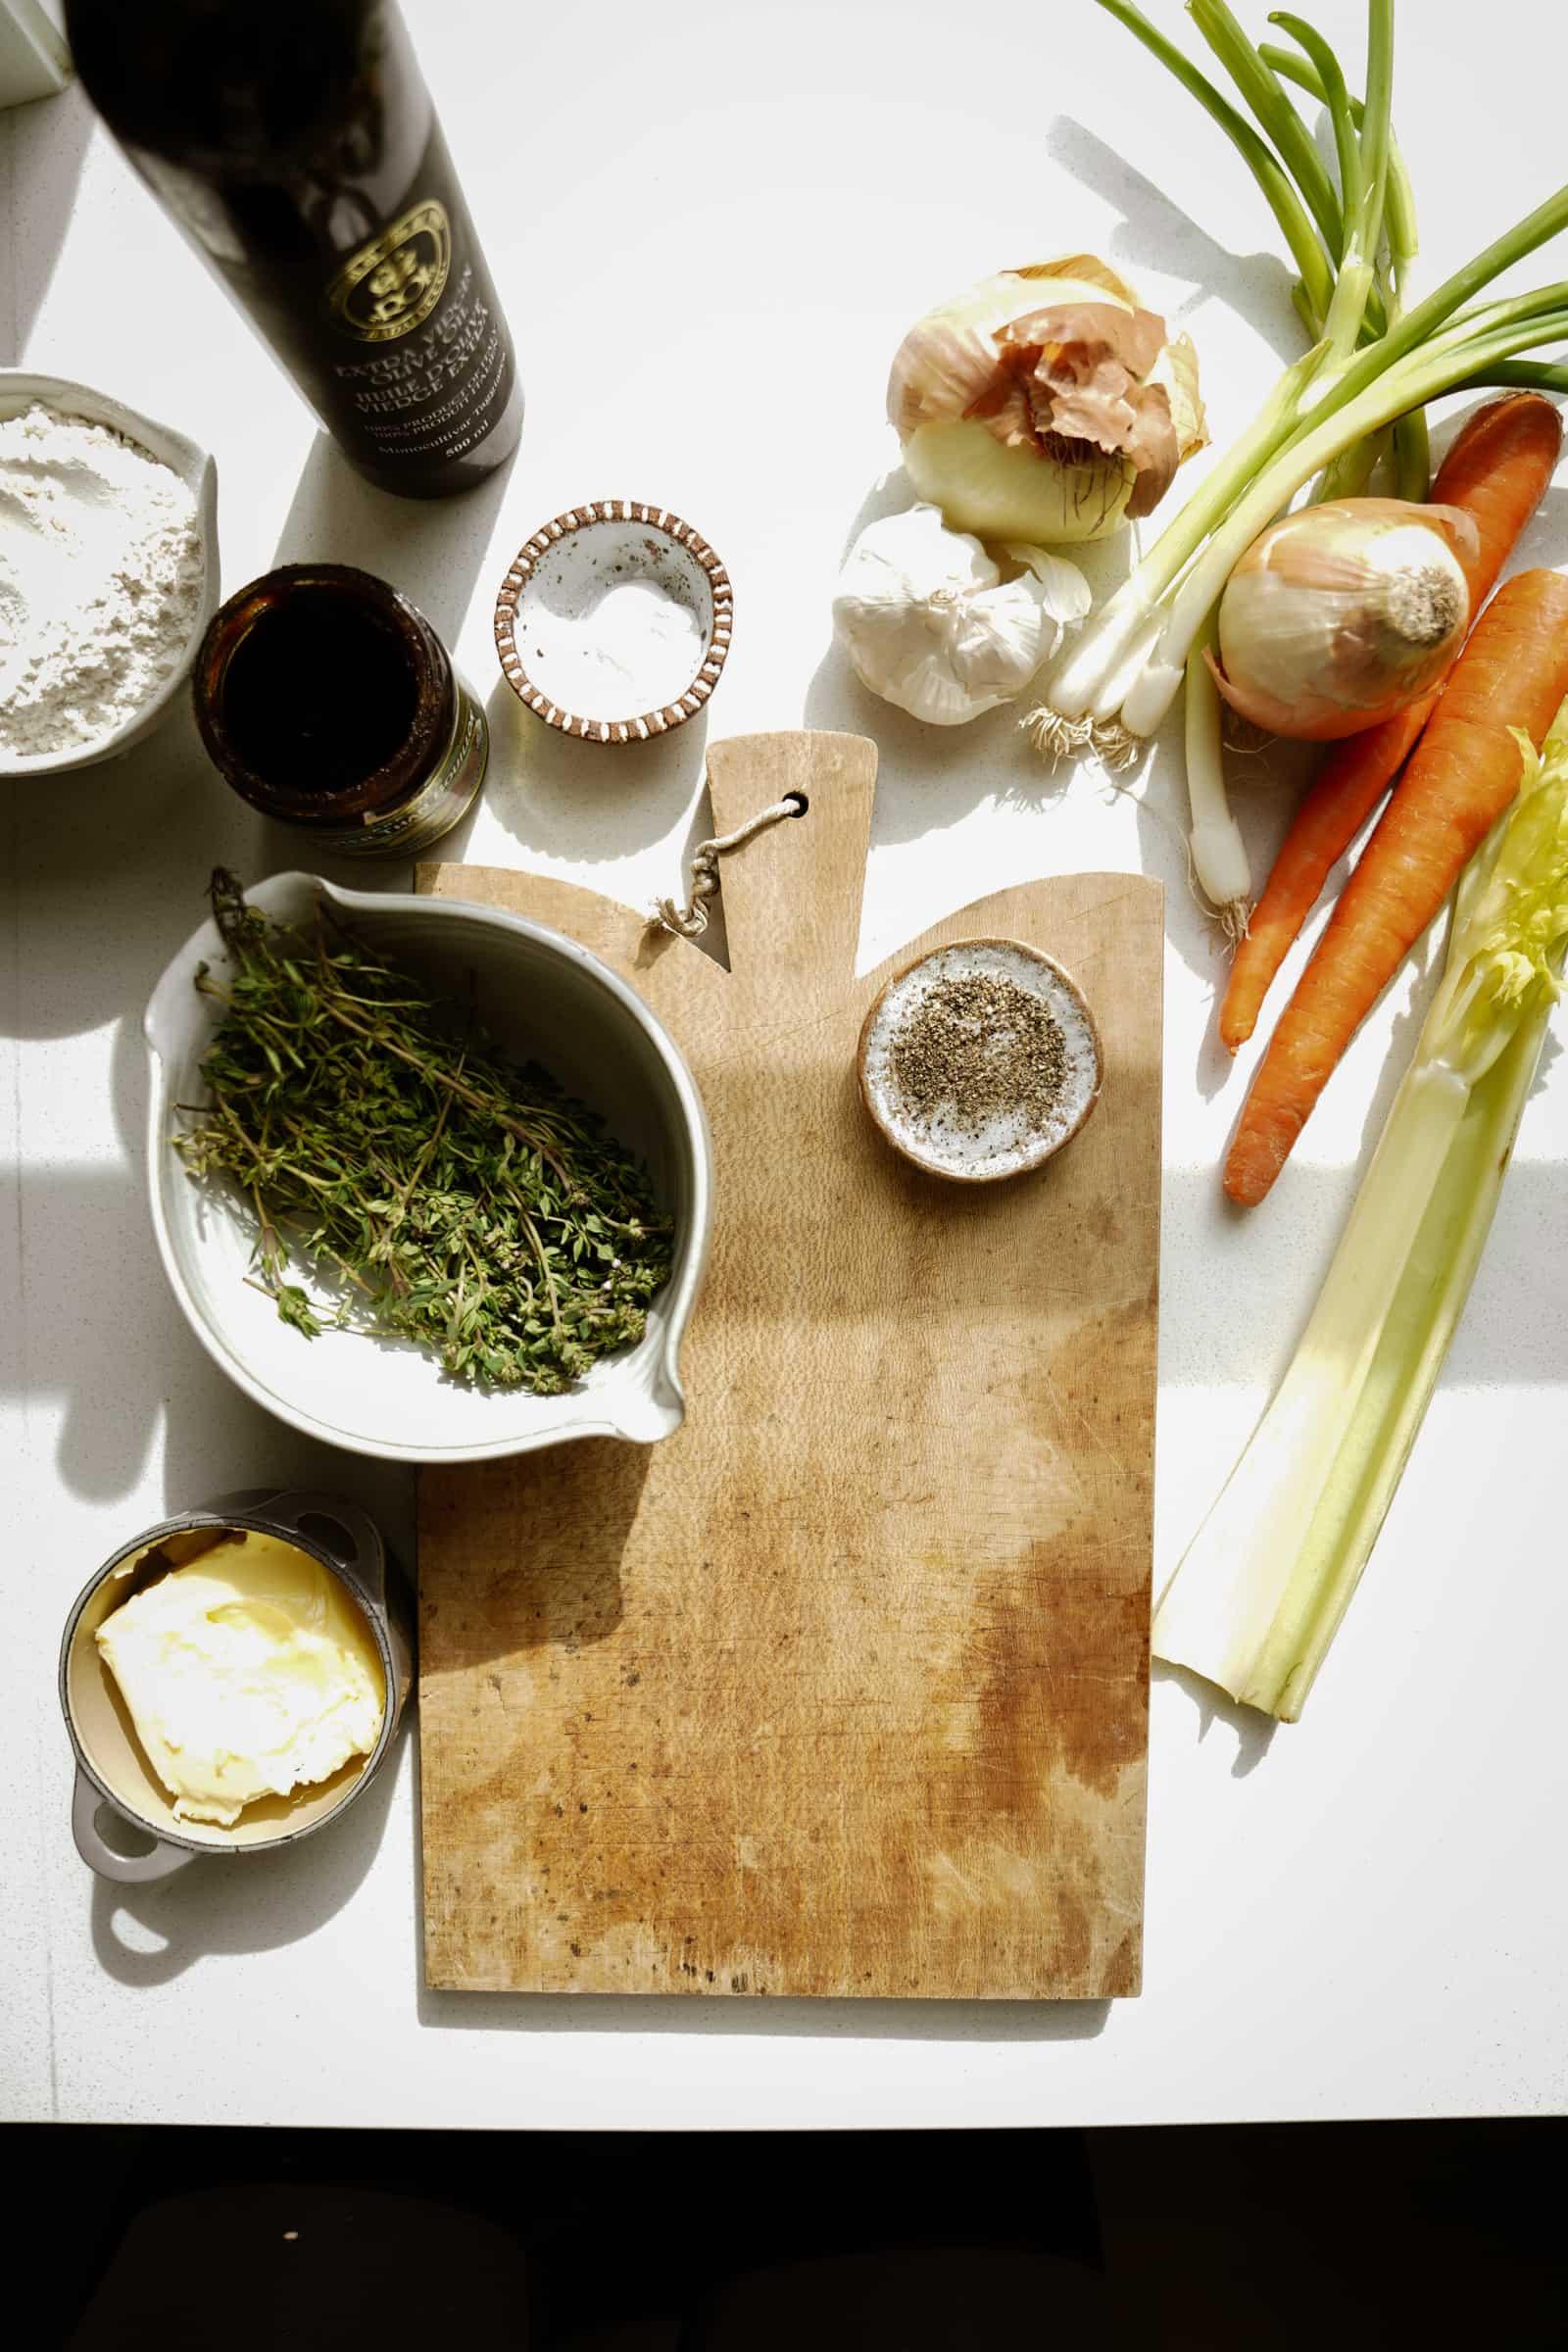 Ingredients for vegan dumplings